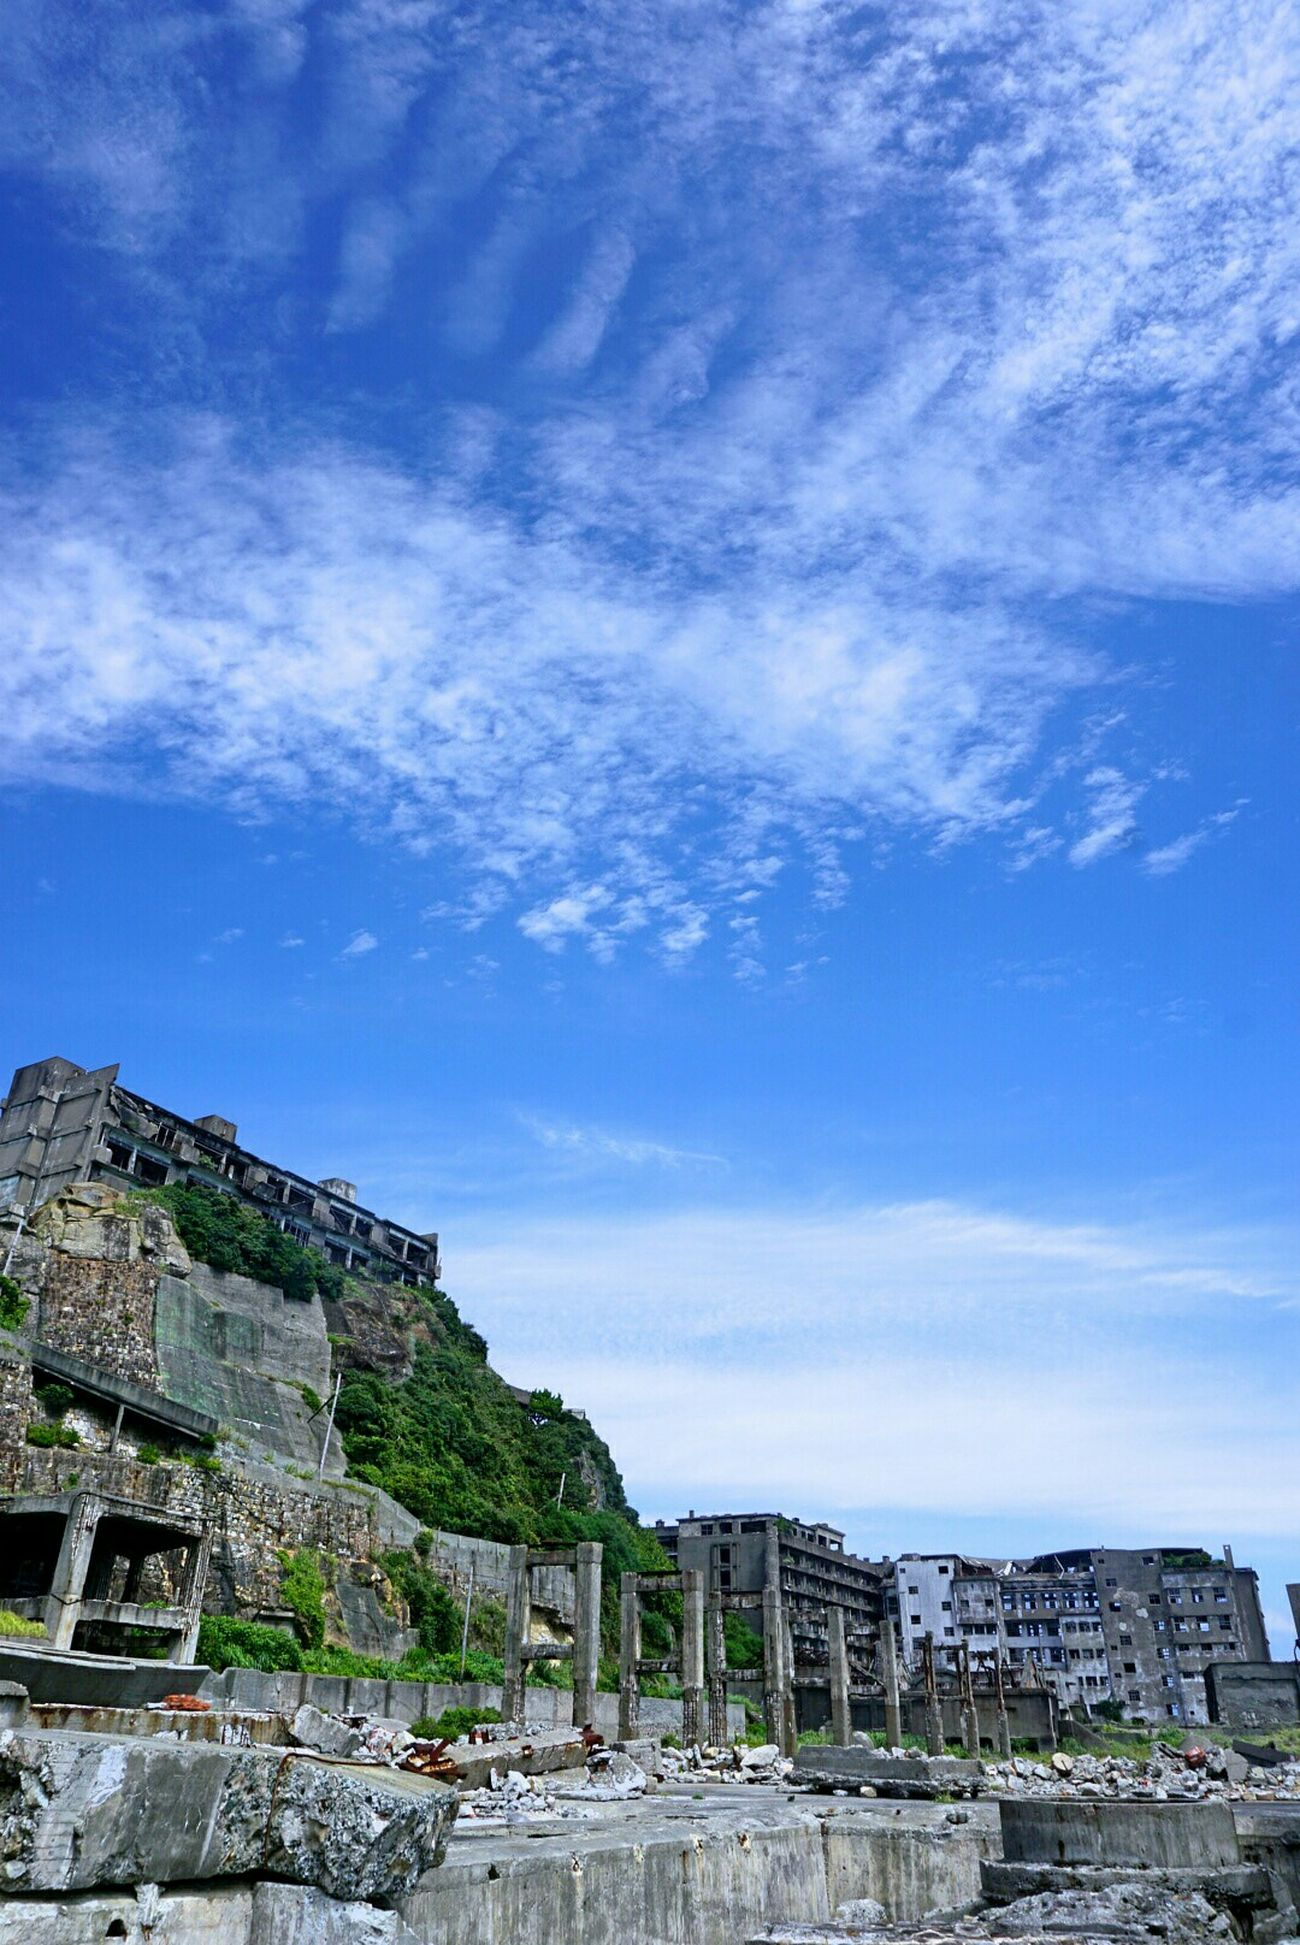 軍艦島 軍艦島(gunkan-jima) 世界文化遺産 空 雲 端島